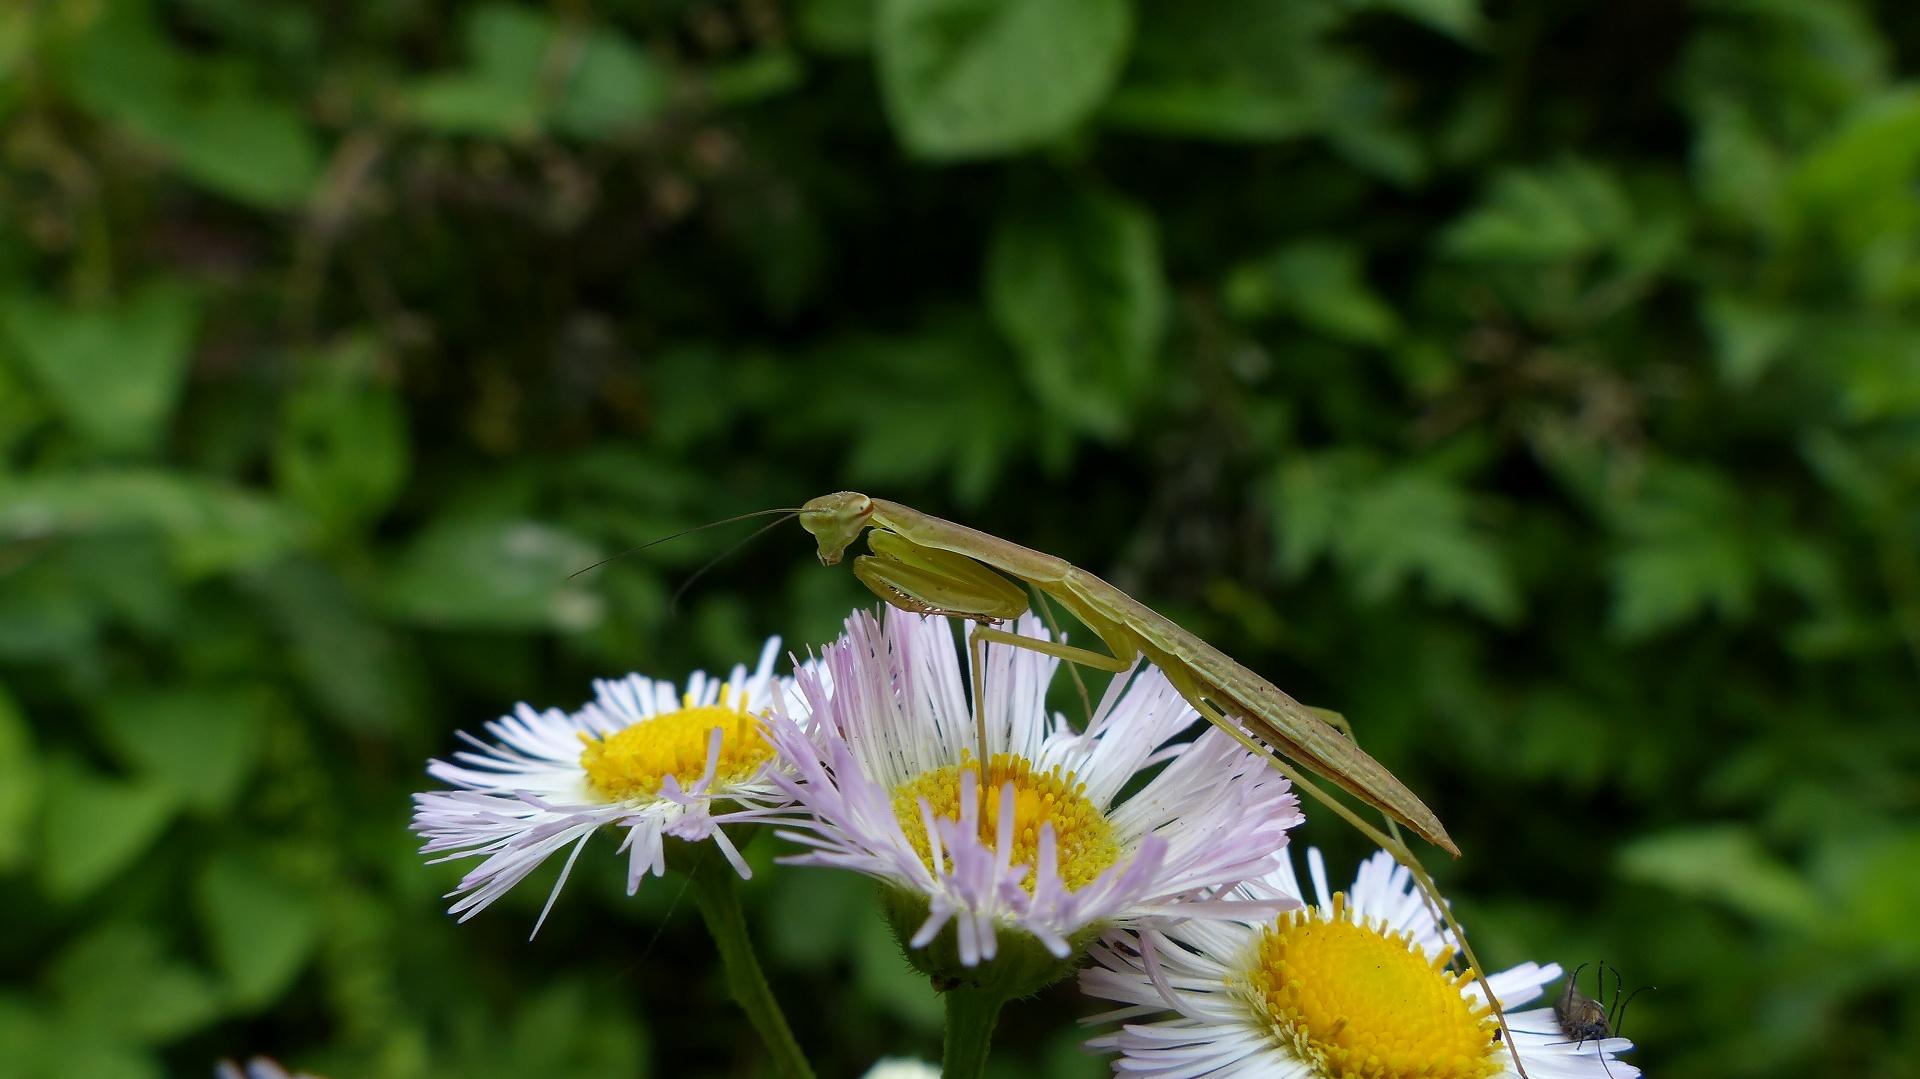 昆虫の森シリーズ 蟷螂(とうろう)_a0185081_12372024.jpg